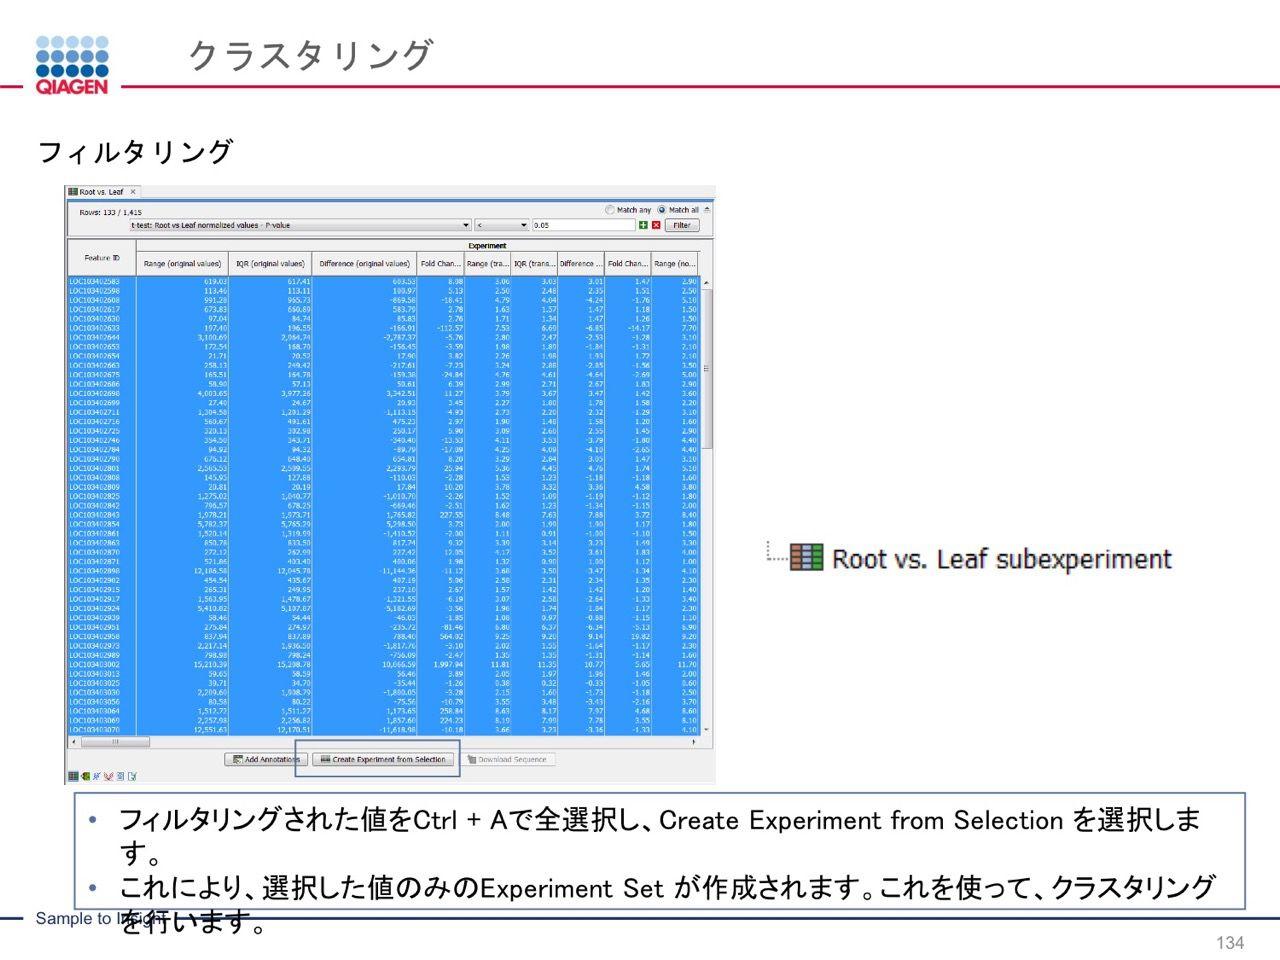 images/AJACSa2_miyamoto_134.jpg